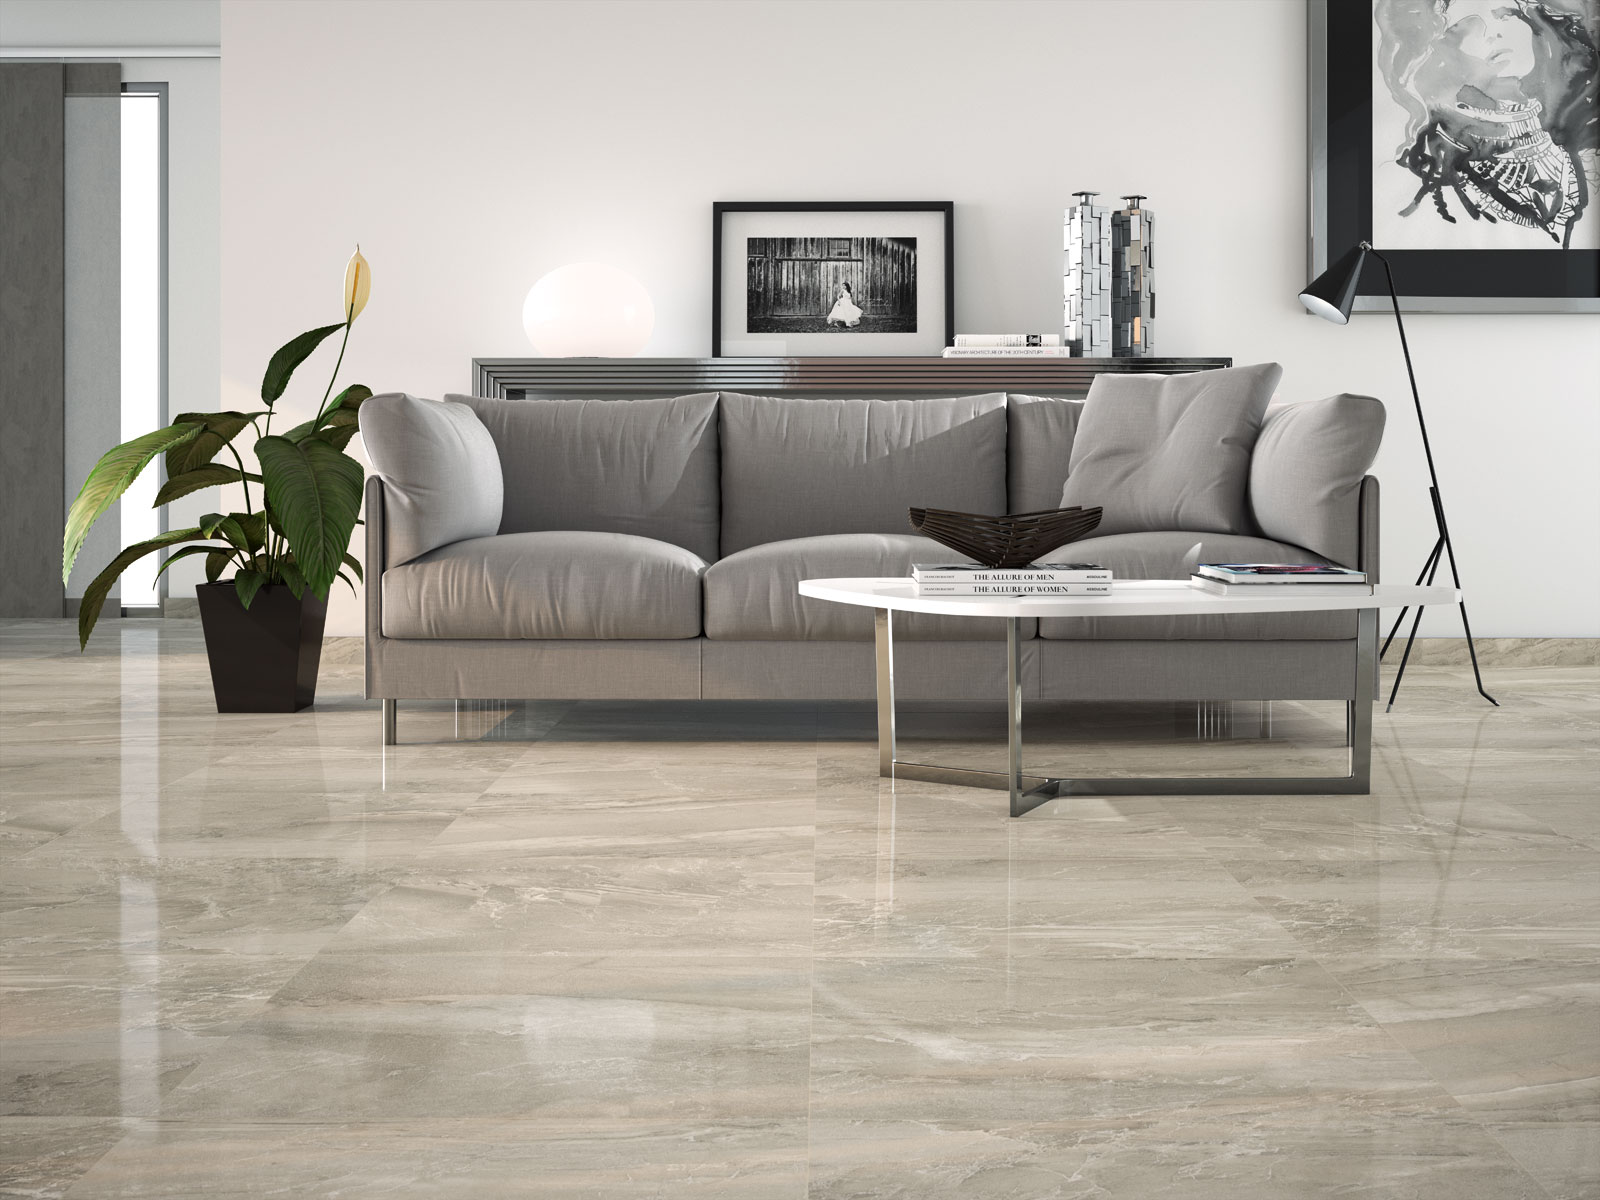 Pavimento Grigio Perla : Pavimento grigio perla piastrelle grigio perla scuro chiaro